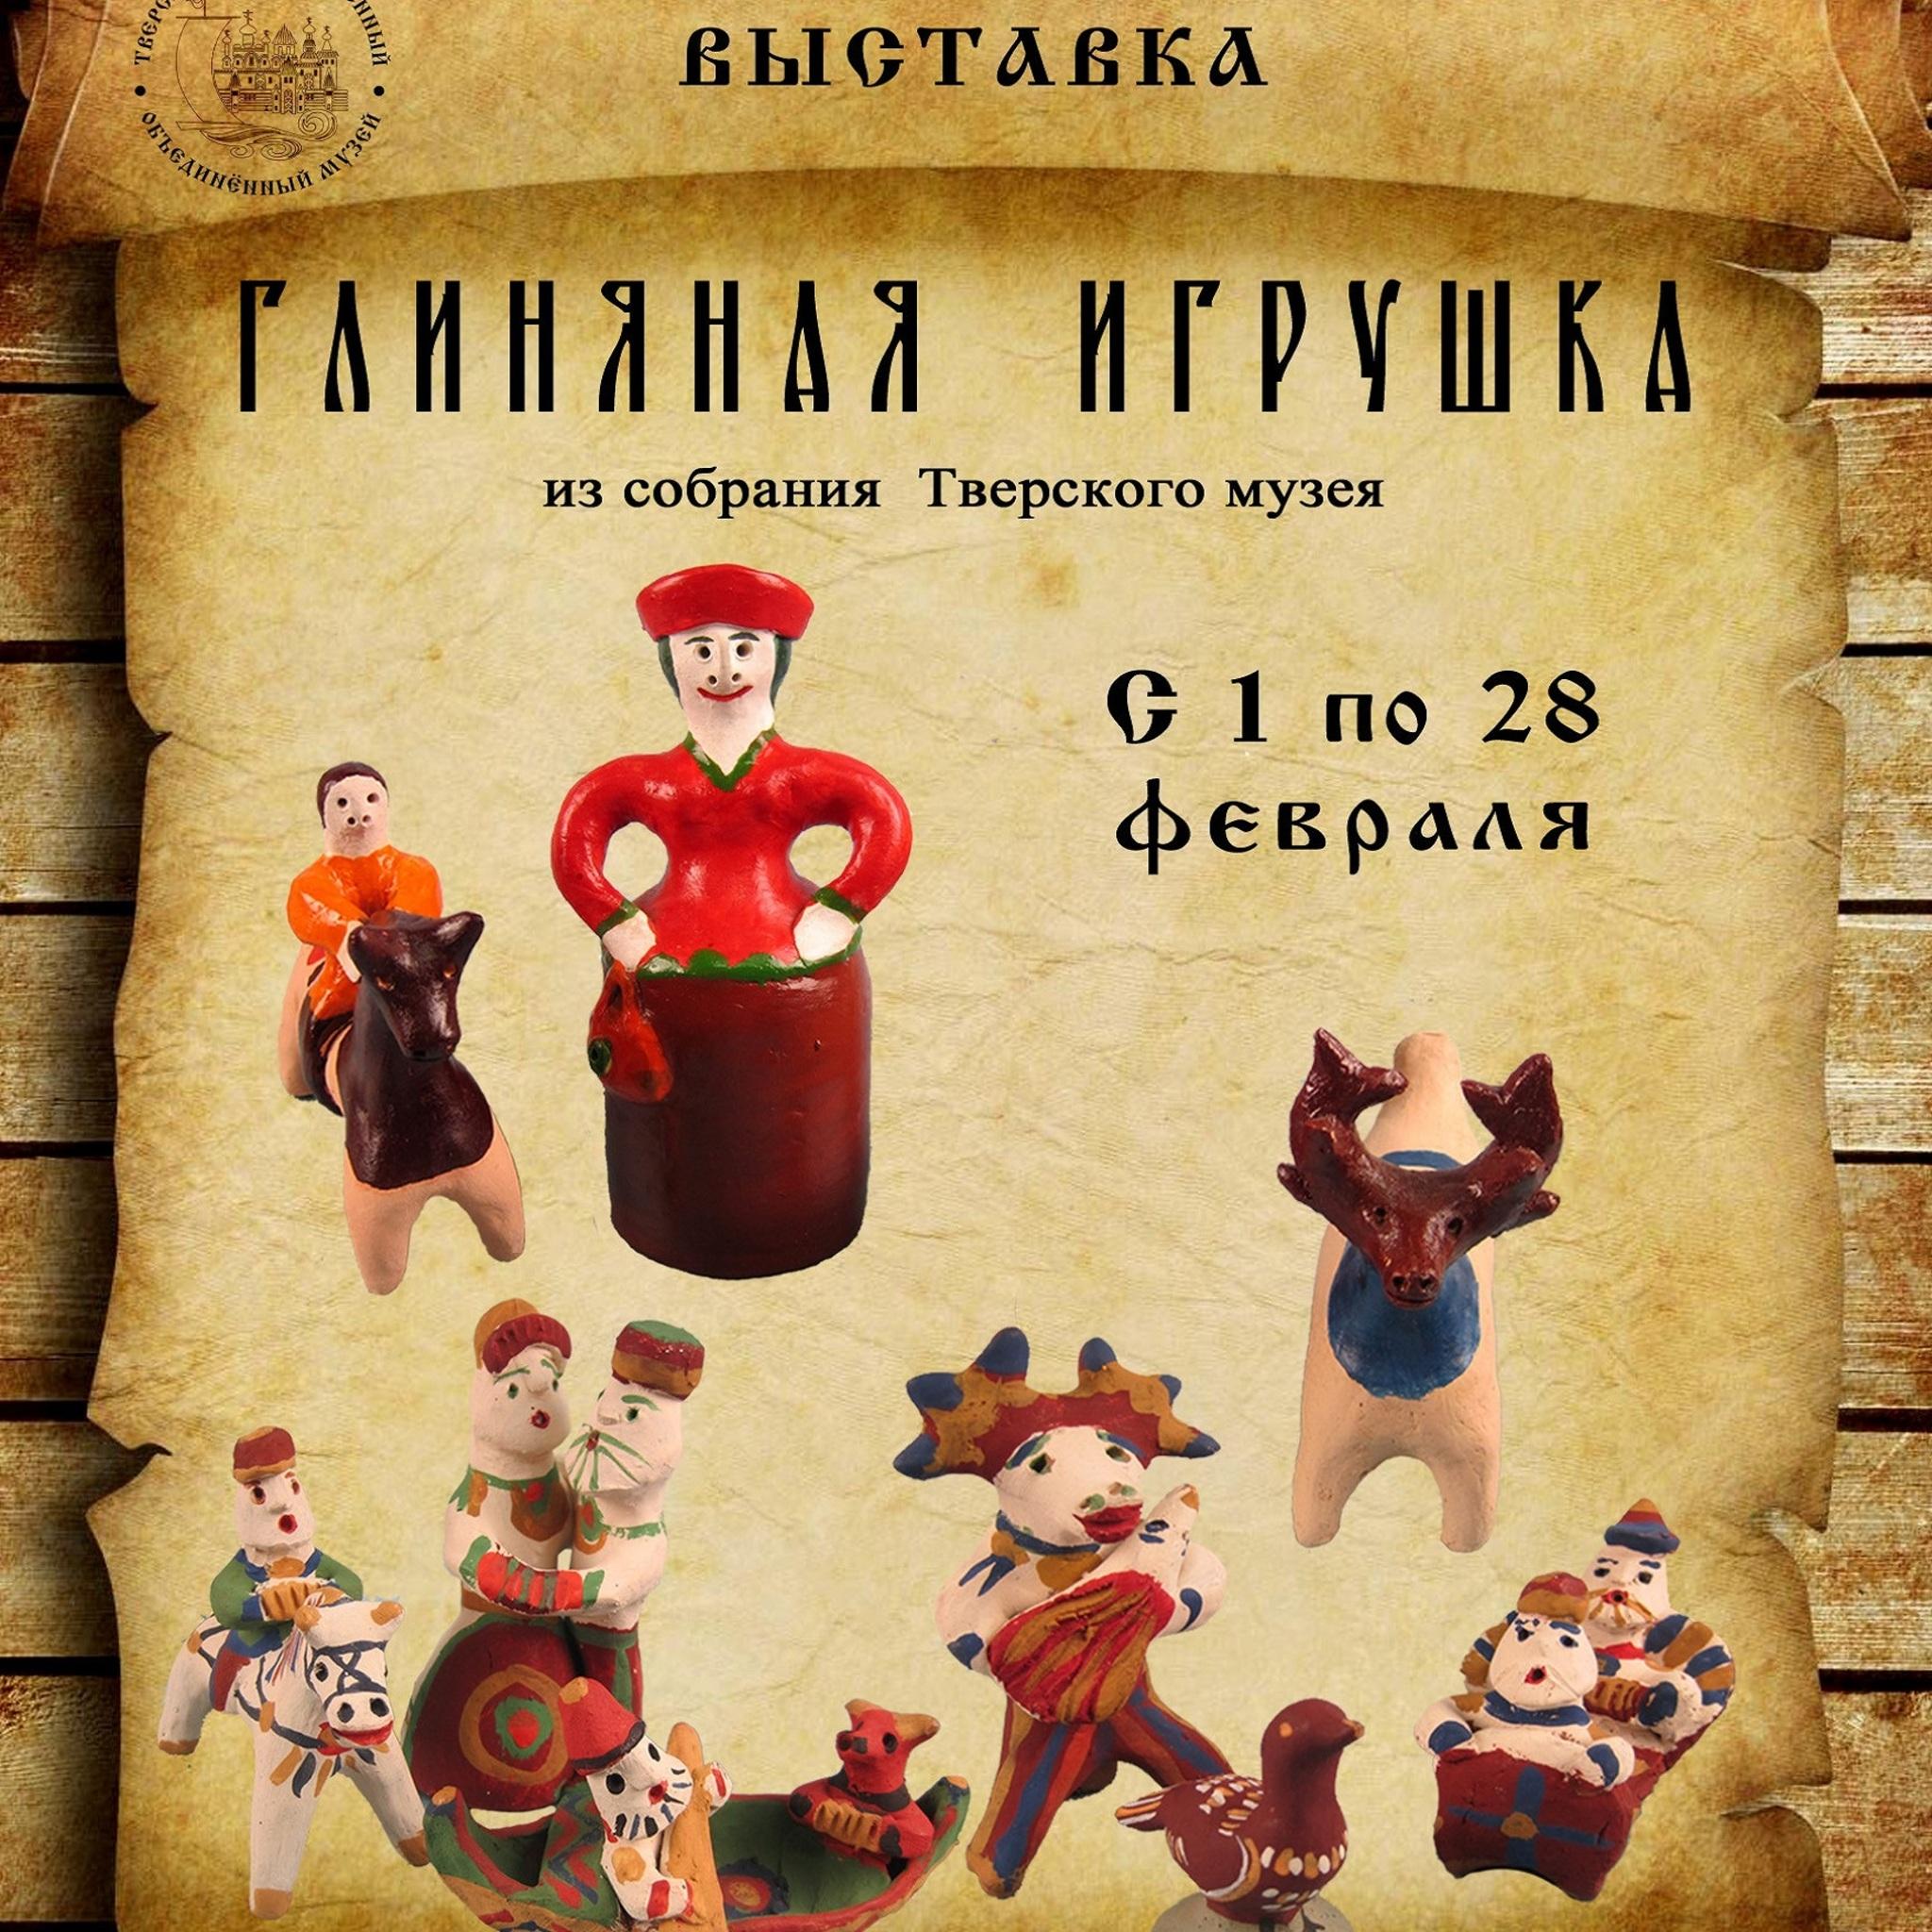 Выставка «Глиняная игрушка в собрании Тверского музея»